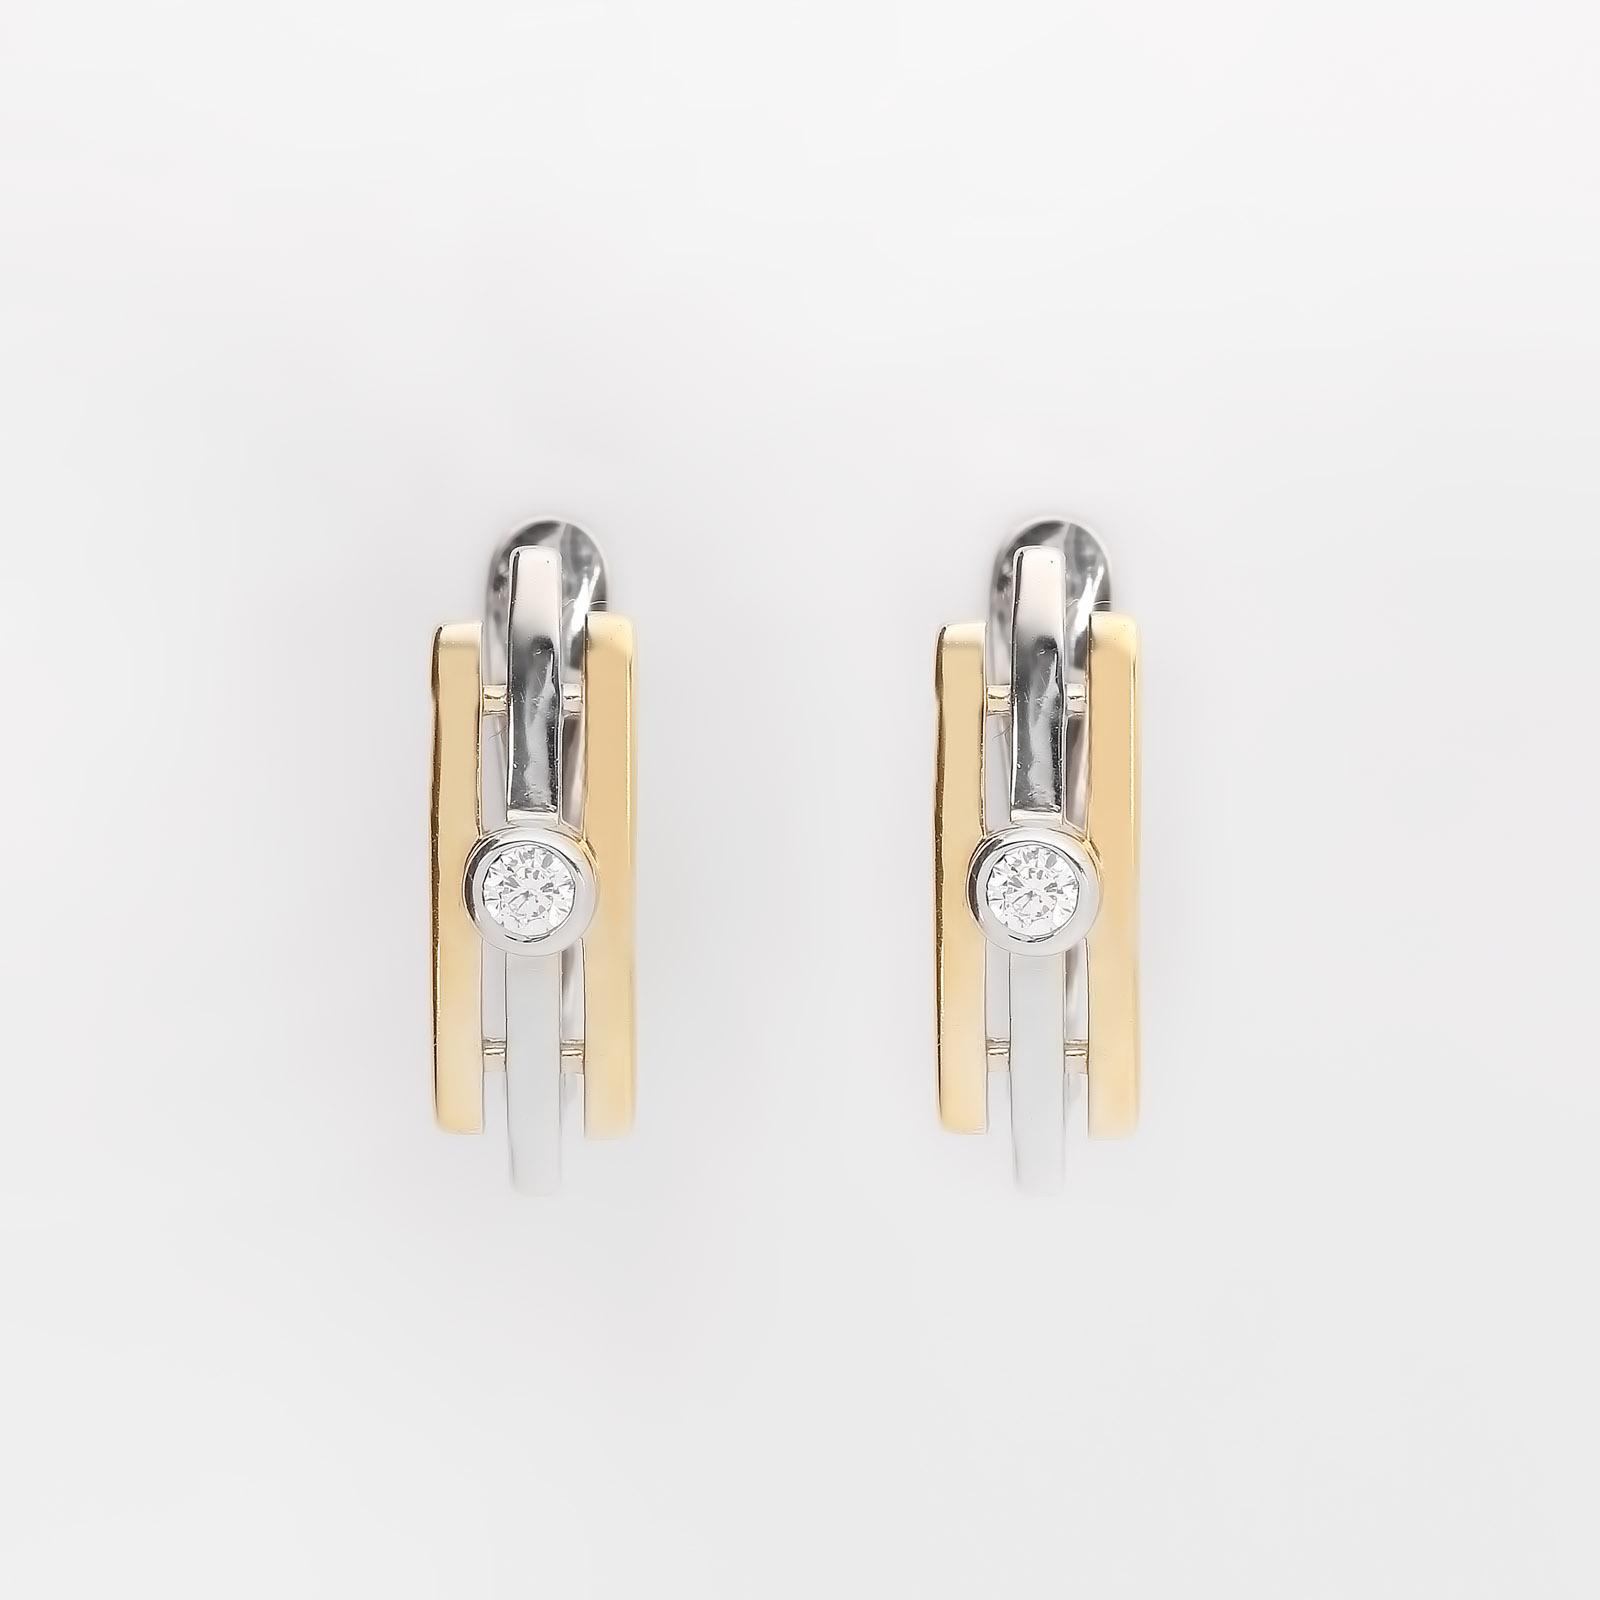 Серебряные серьги «Америка» серьги с подвесками эстет серебряные серьги с куб циркониями и пластиком est01с2510678 10z